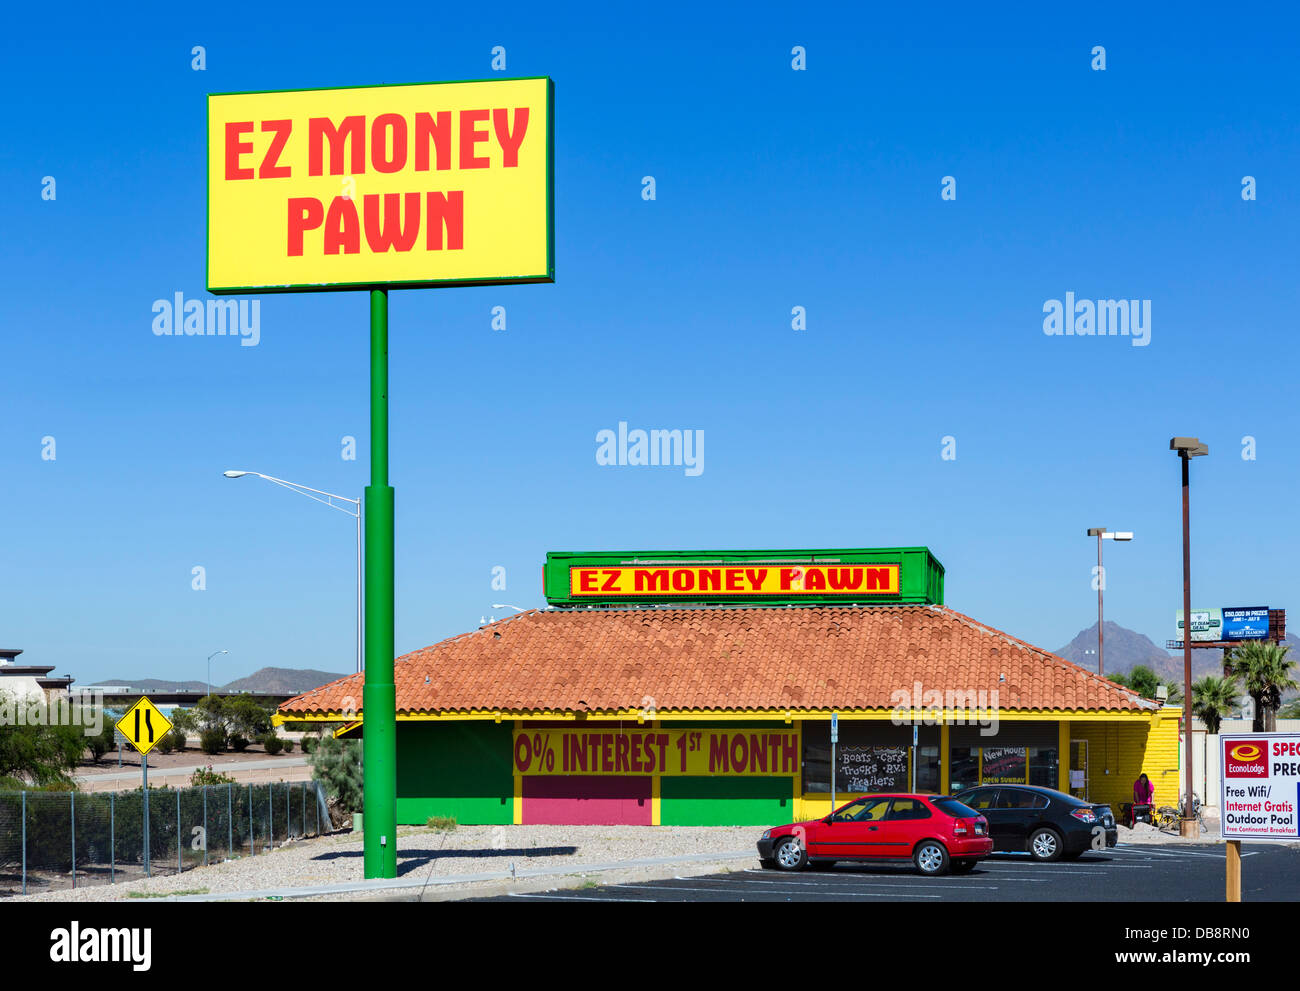 EZ Money Pawn Shop in Tucson, Arizona, USA - Stock Image